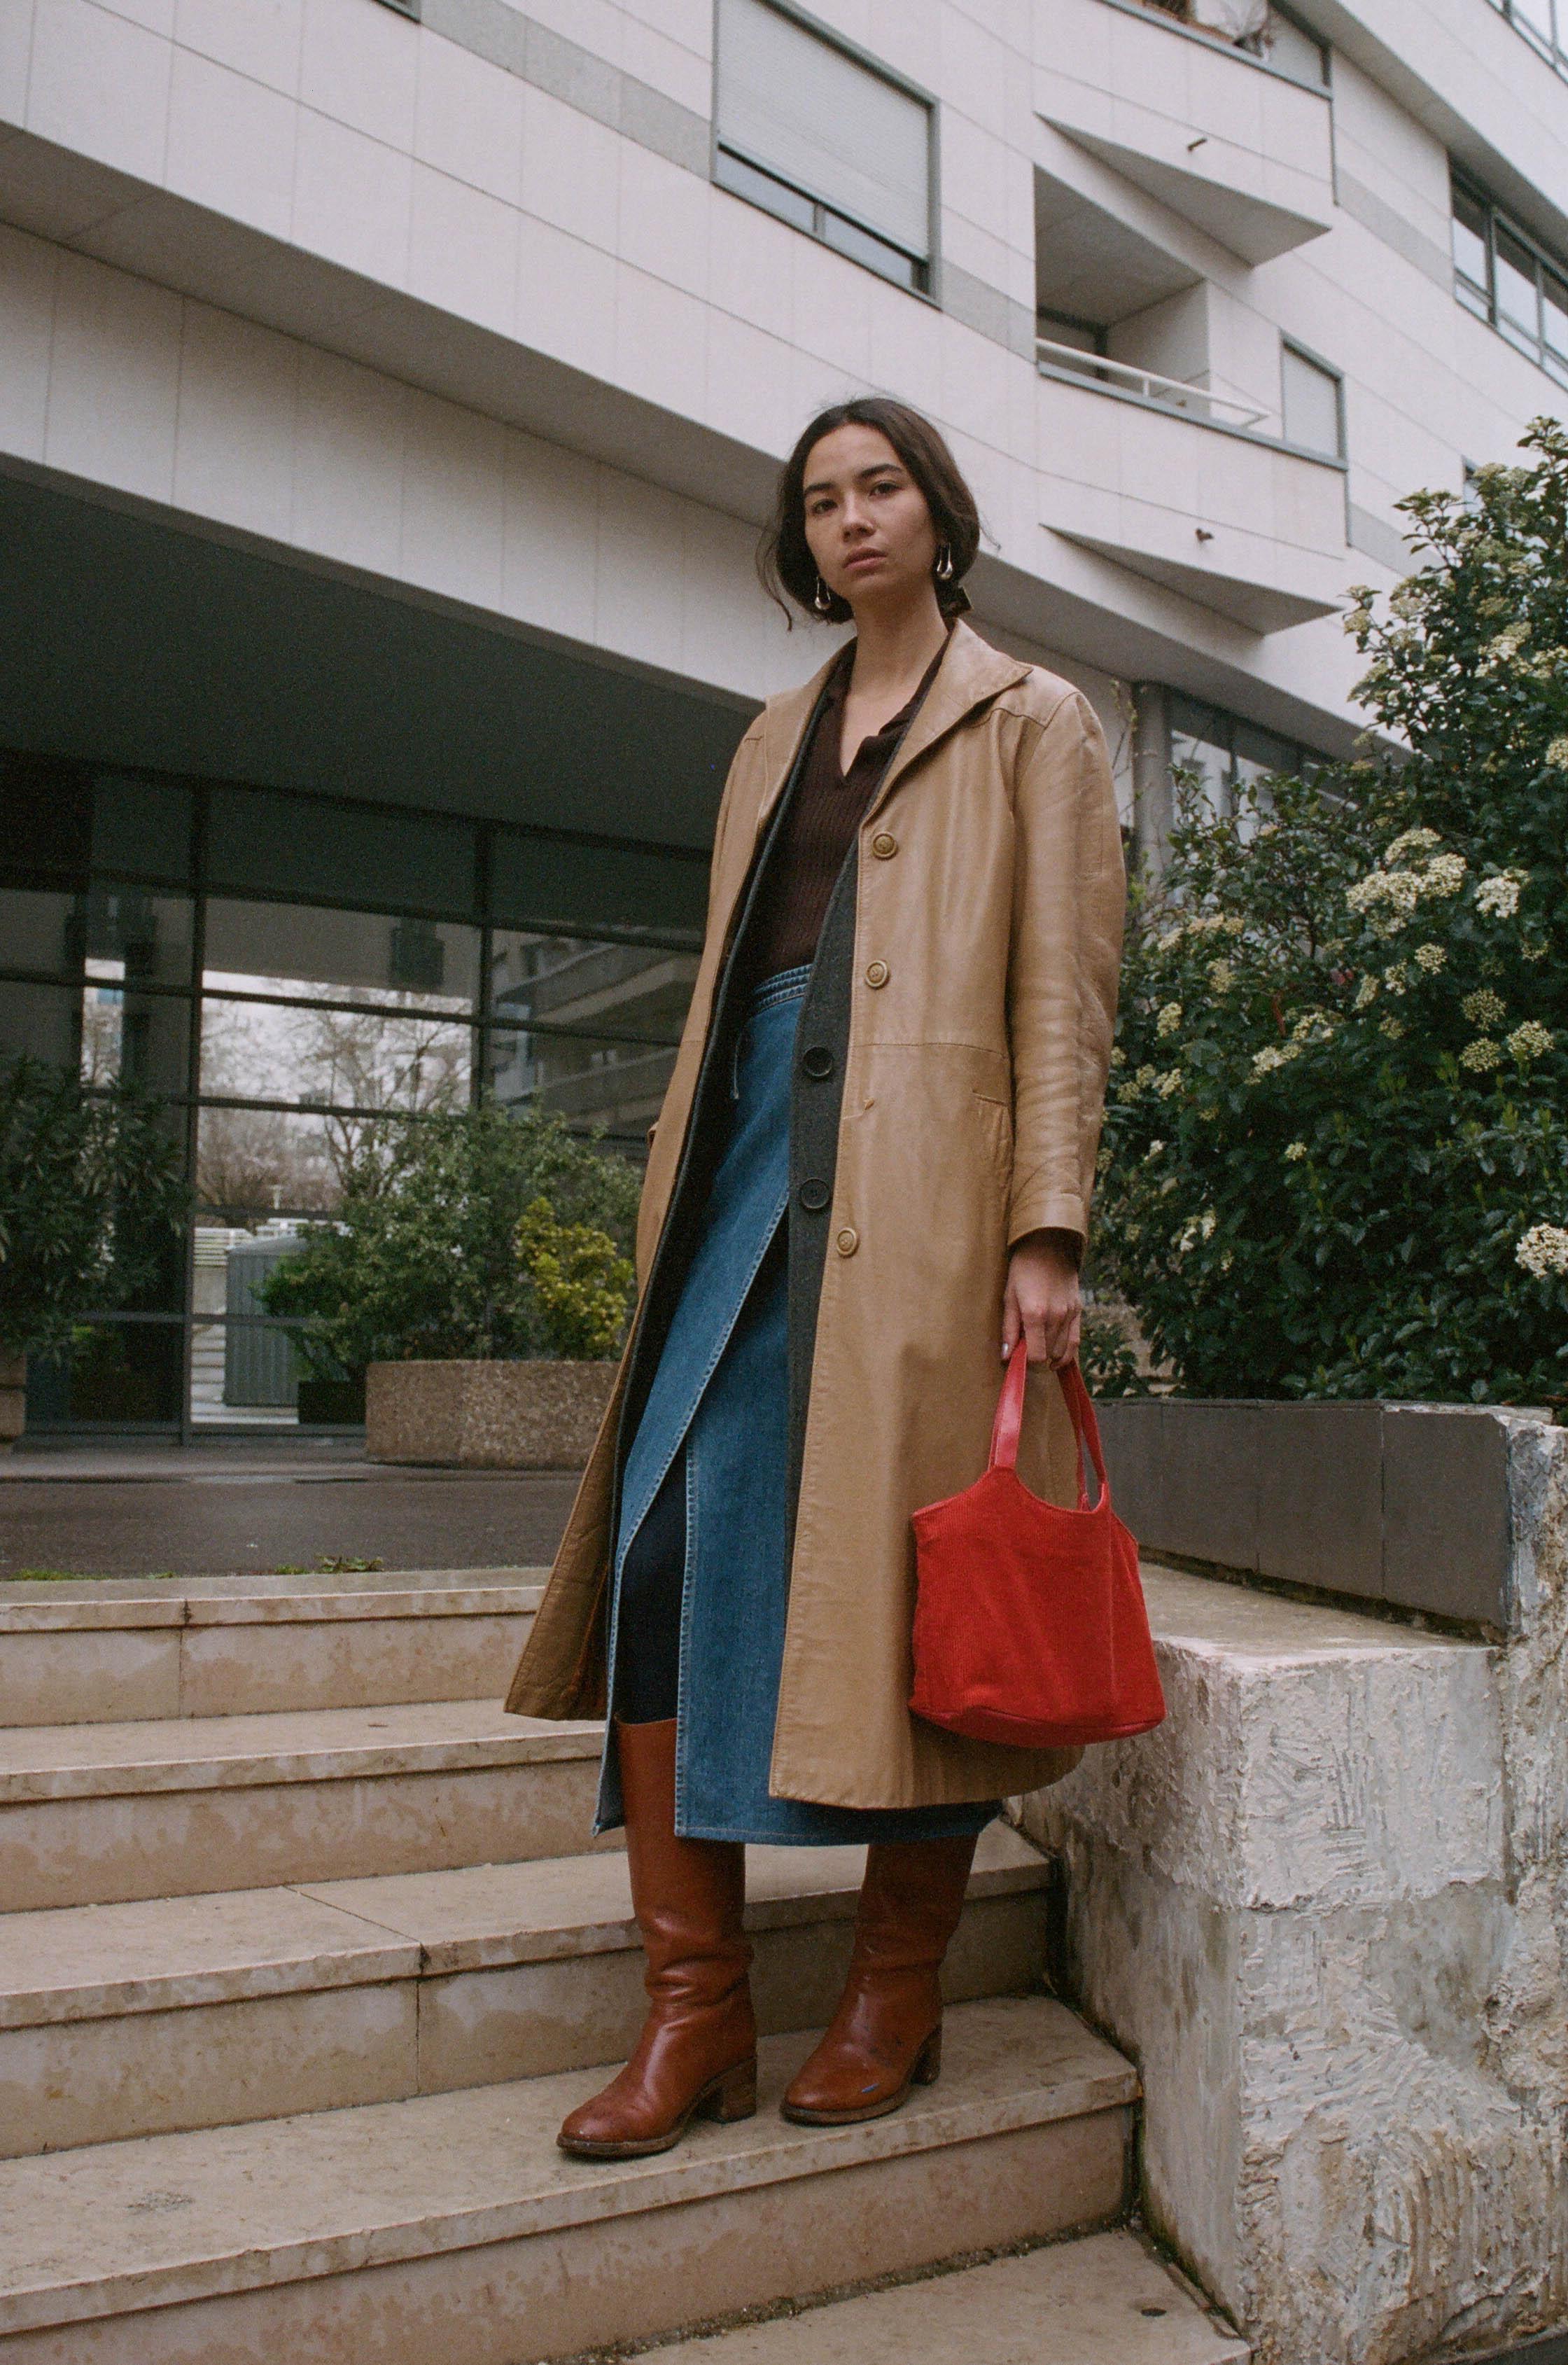 Top, Louis Vuitton ; Earrings,  Lemaire  ; Skirt, Jill Sander ; Boots,  APC  ; Coat, Vintage